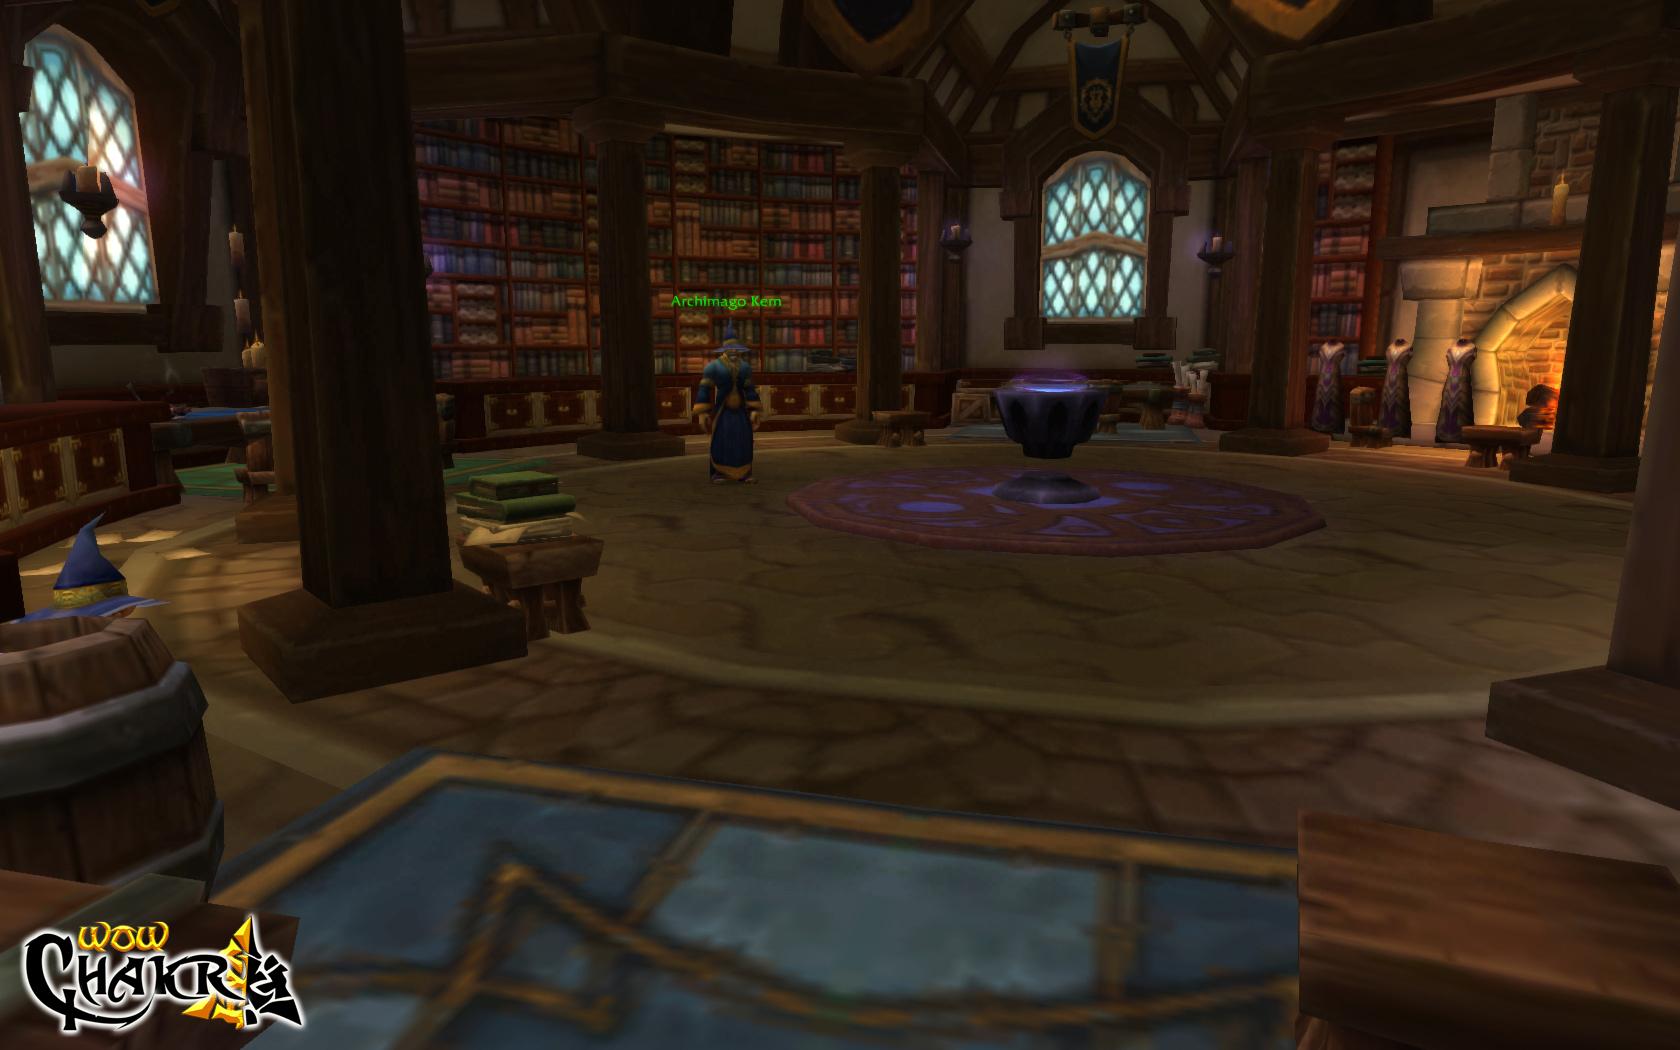 Edificios de la Ciudadela #7: Magia y Espíritu